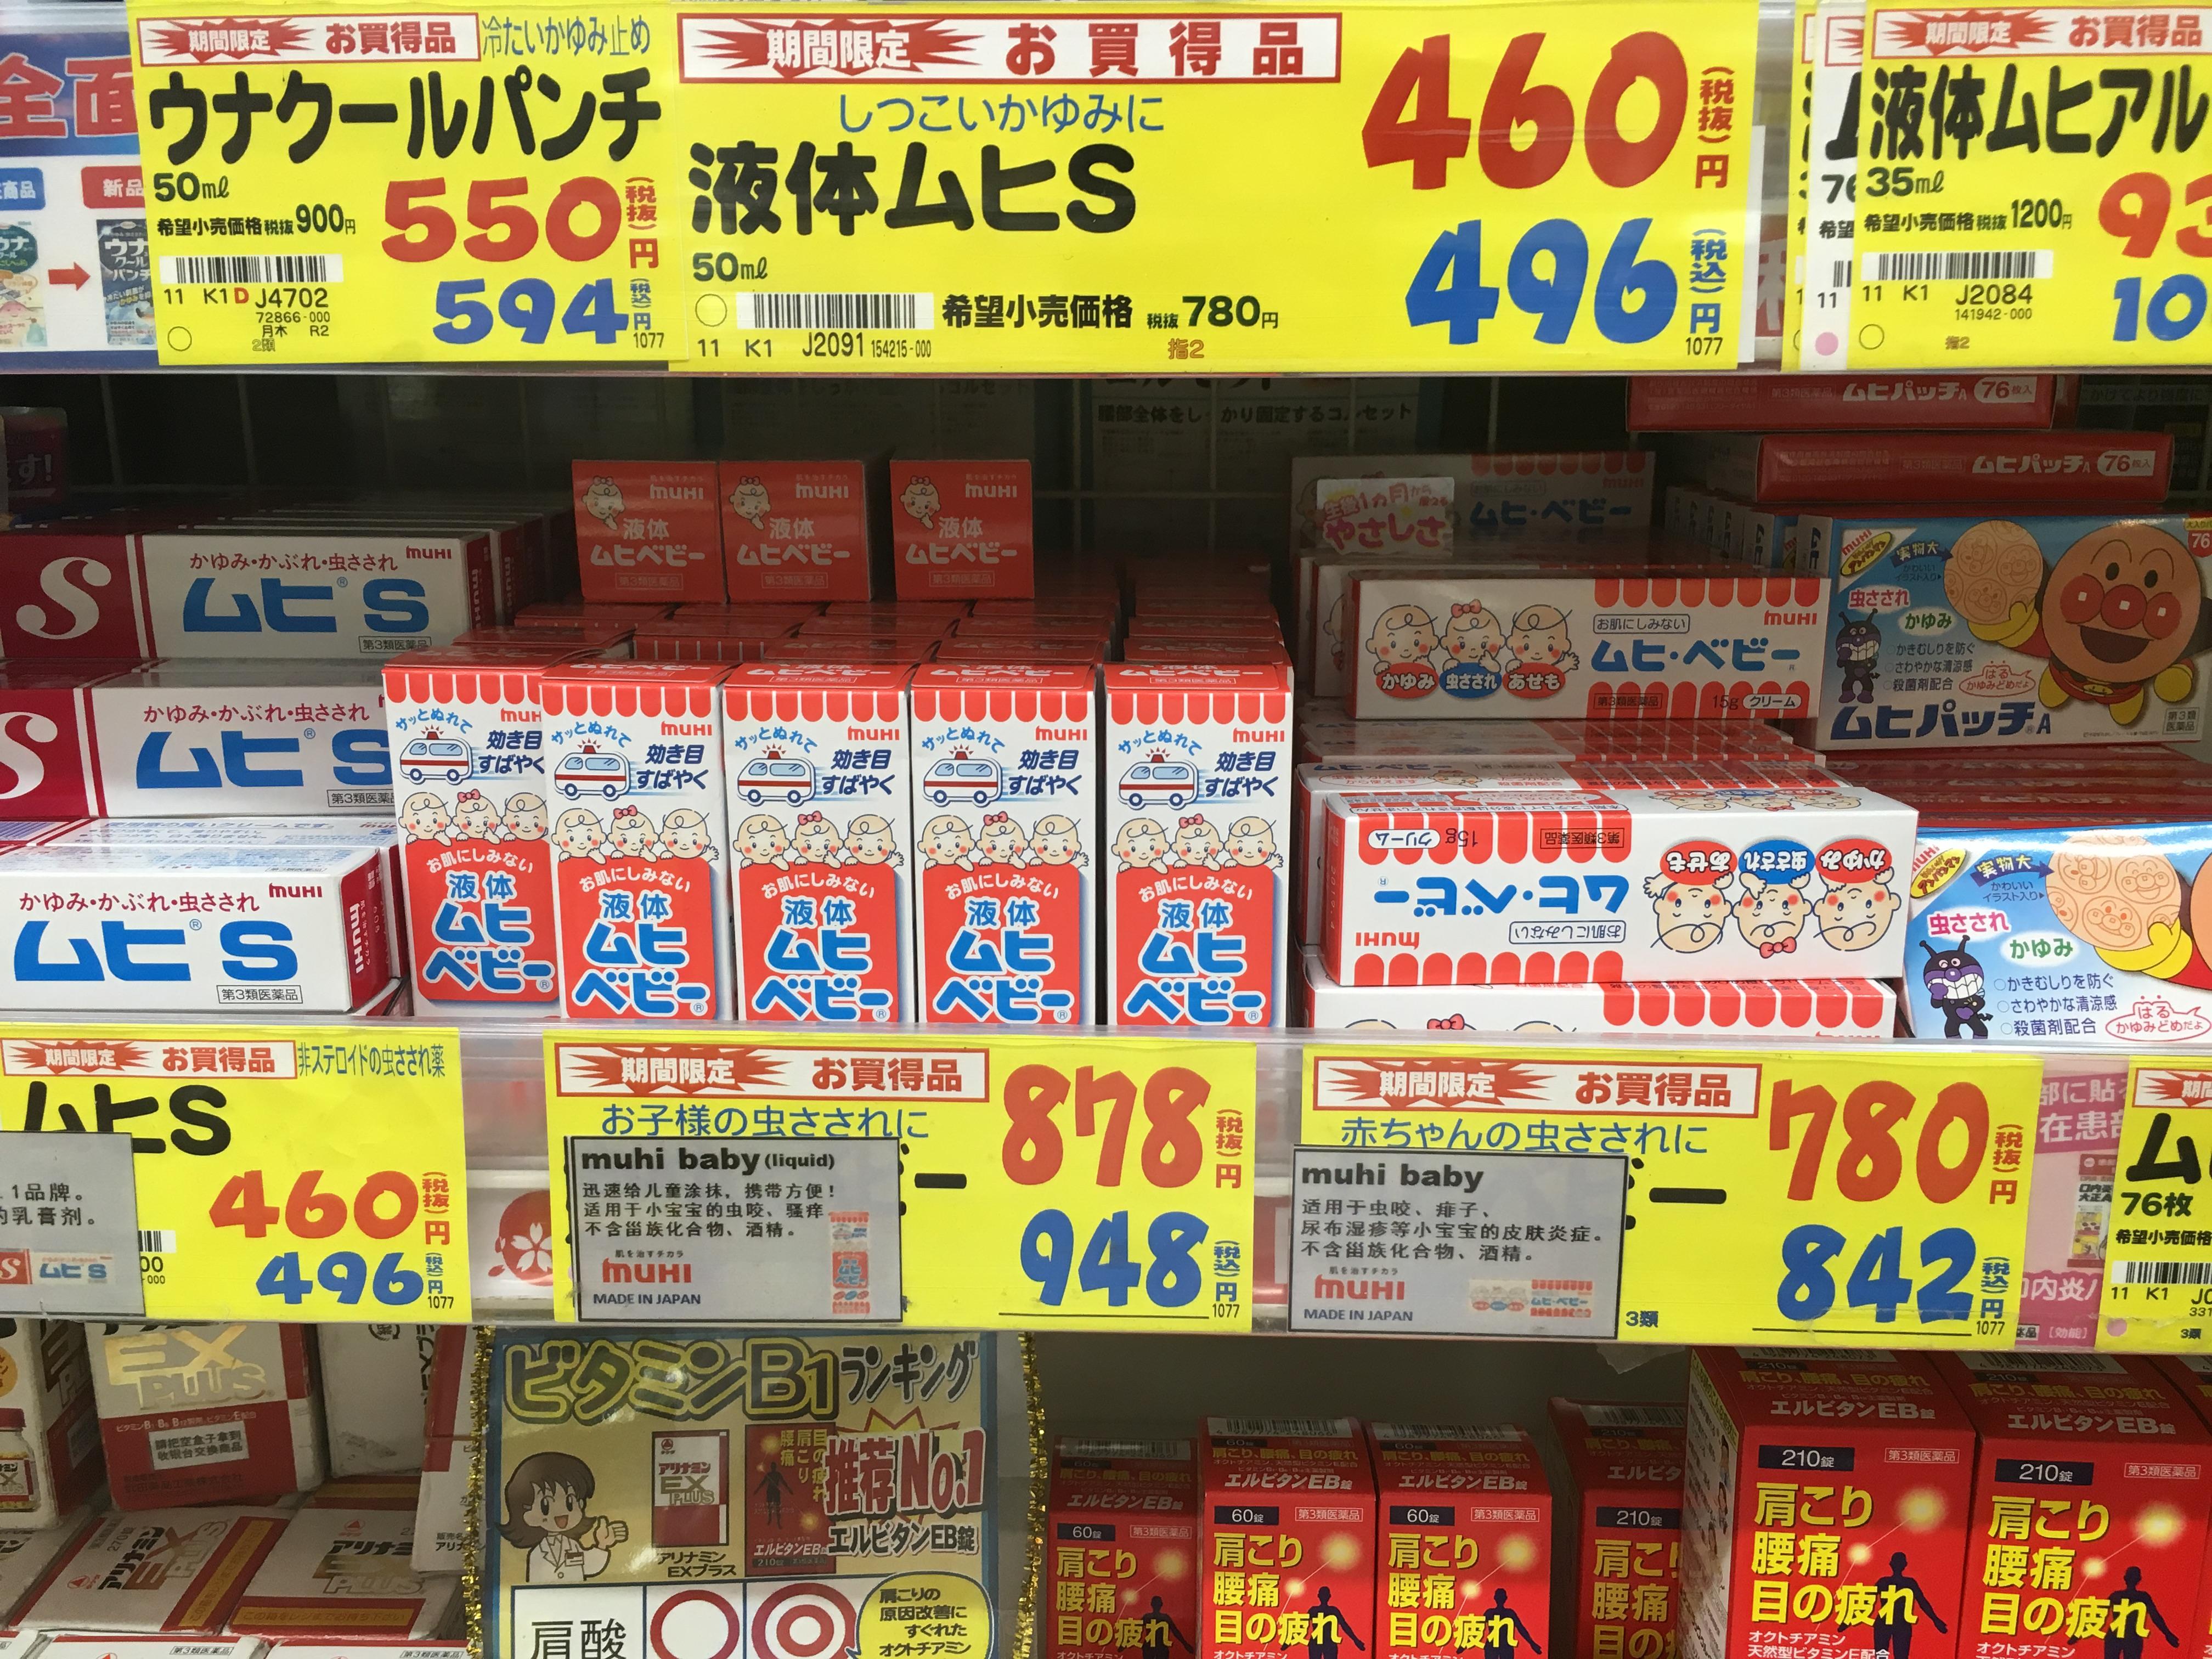 孕媽Tokyo自由行 東京5天4夜遊(美食+藥妝採買+嬰兒用品採買+土產)簡易攻略(上集)   sunflowerbee7